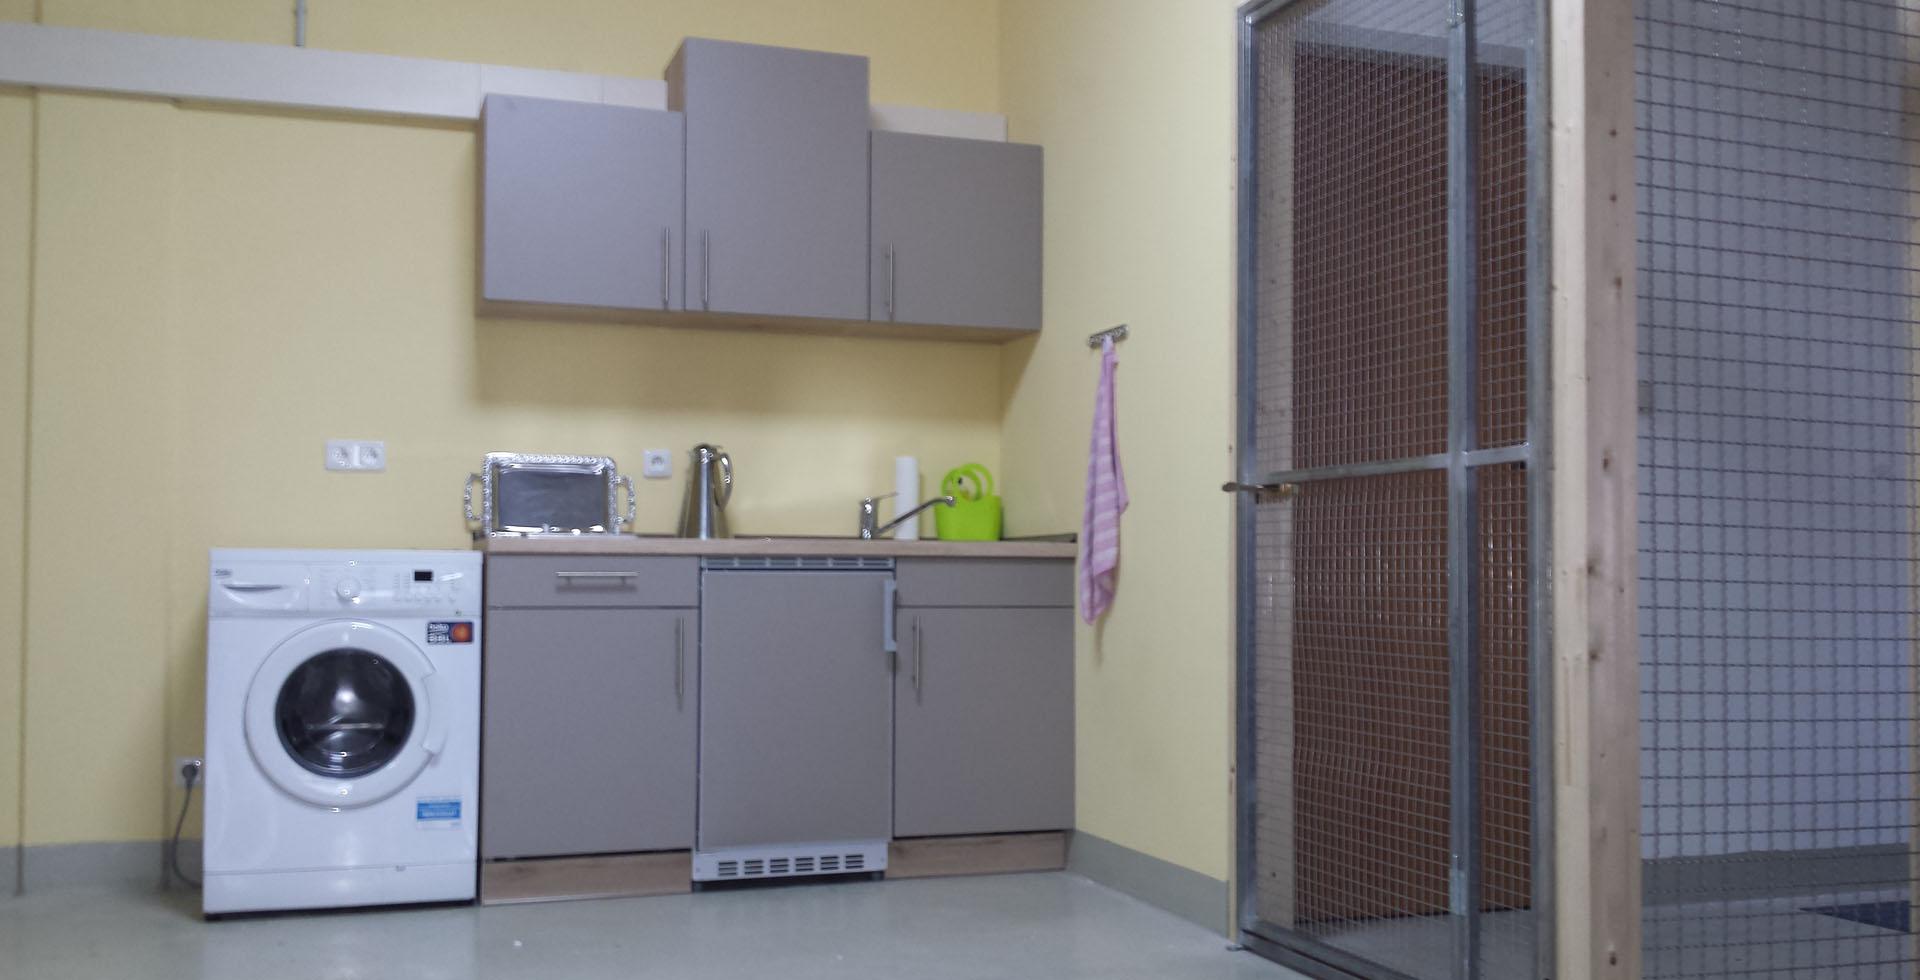 Küche_Waschmaschine_groß